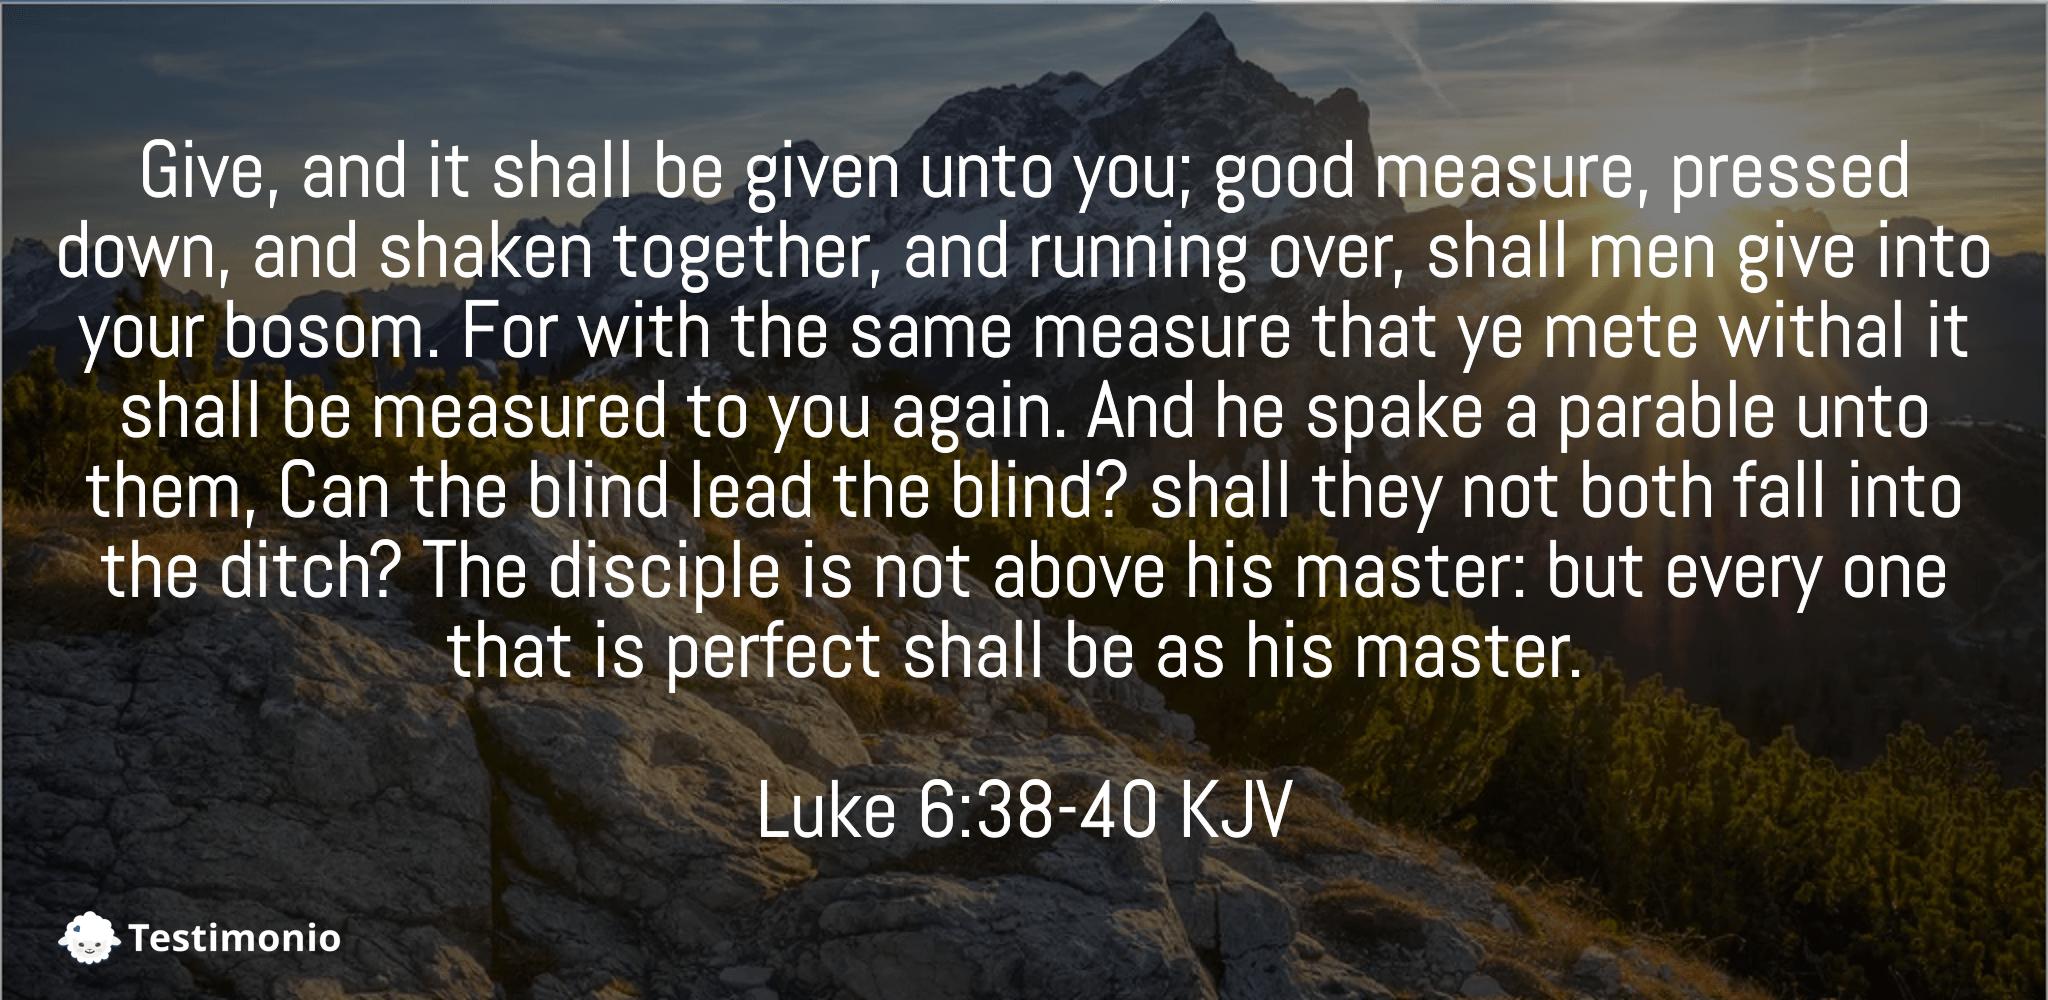 Luke 6:38-40